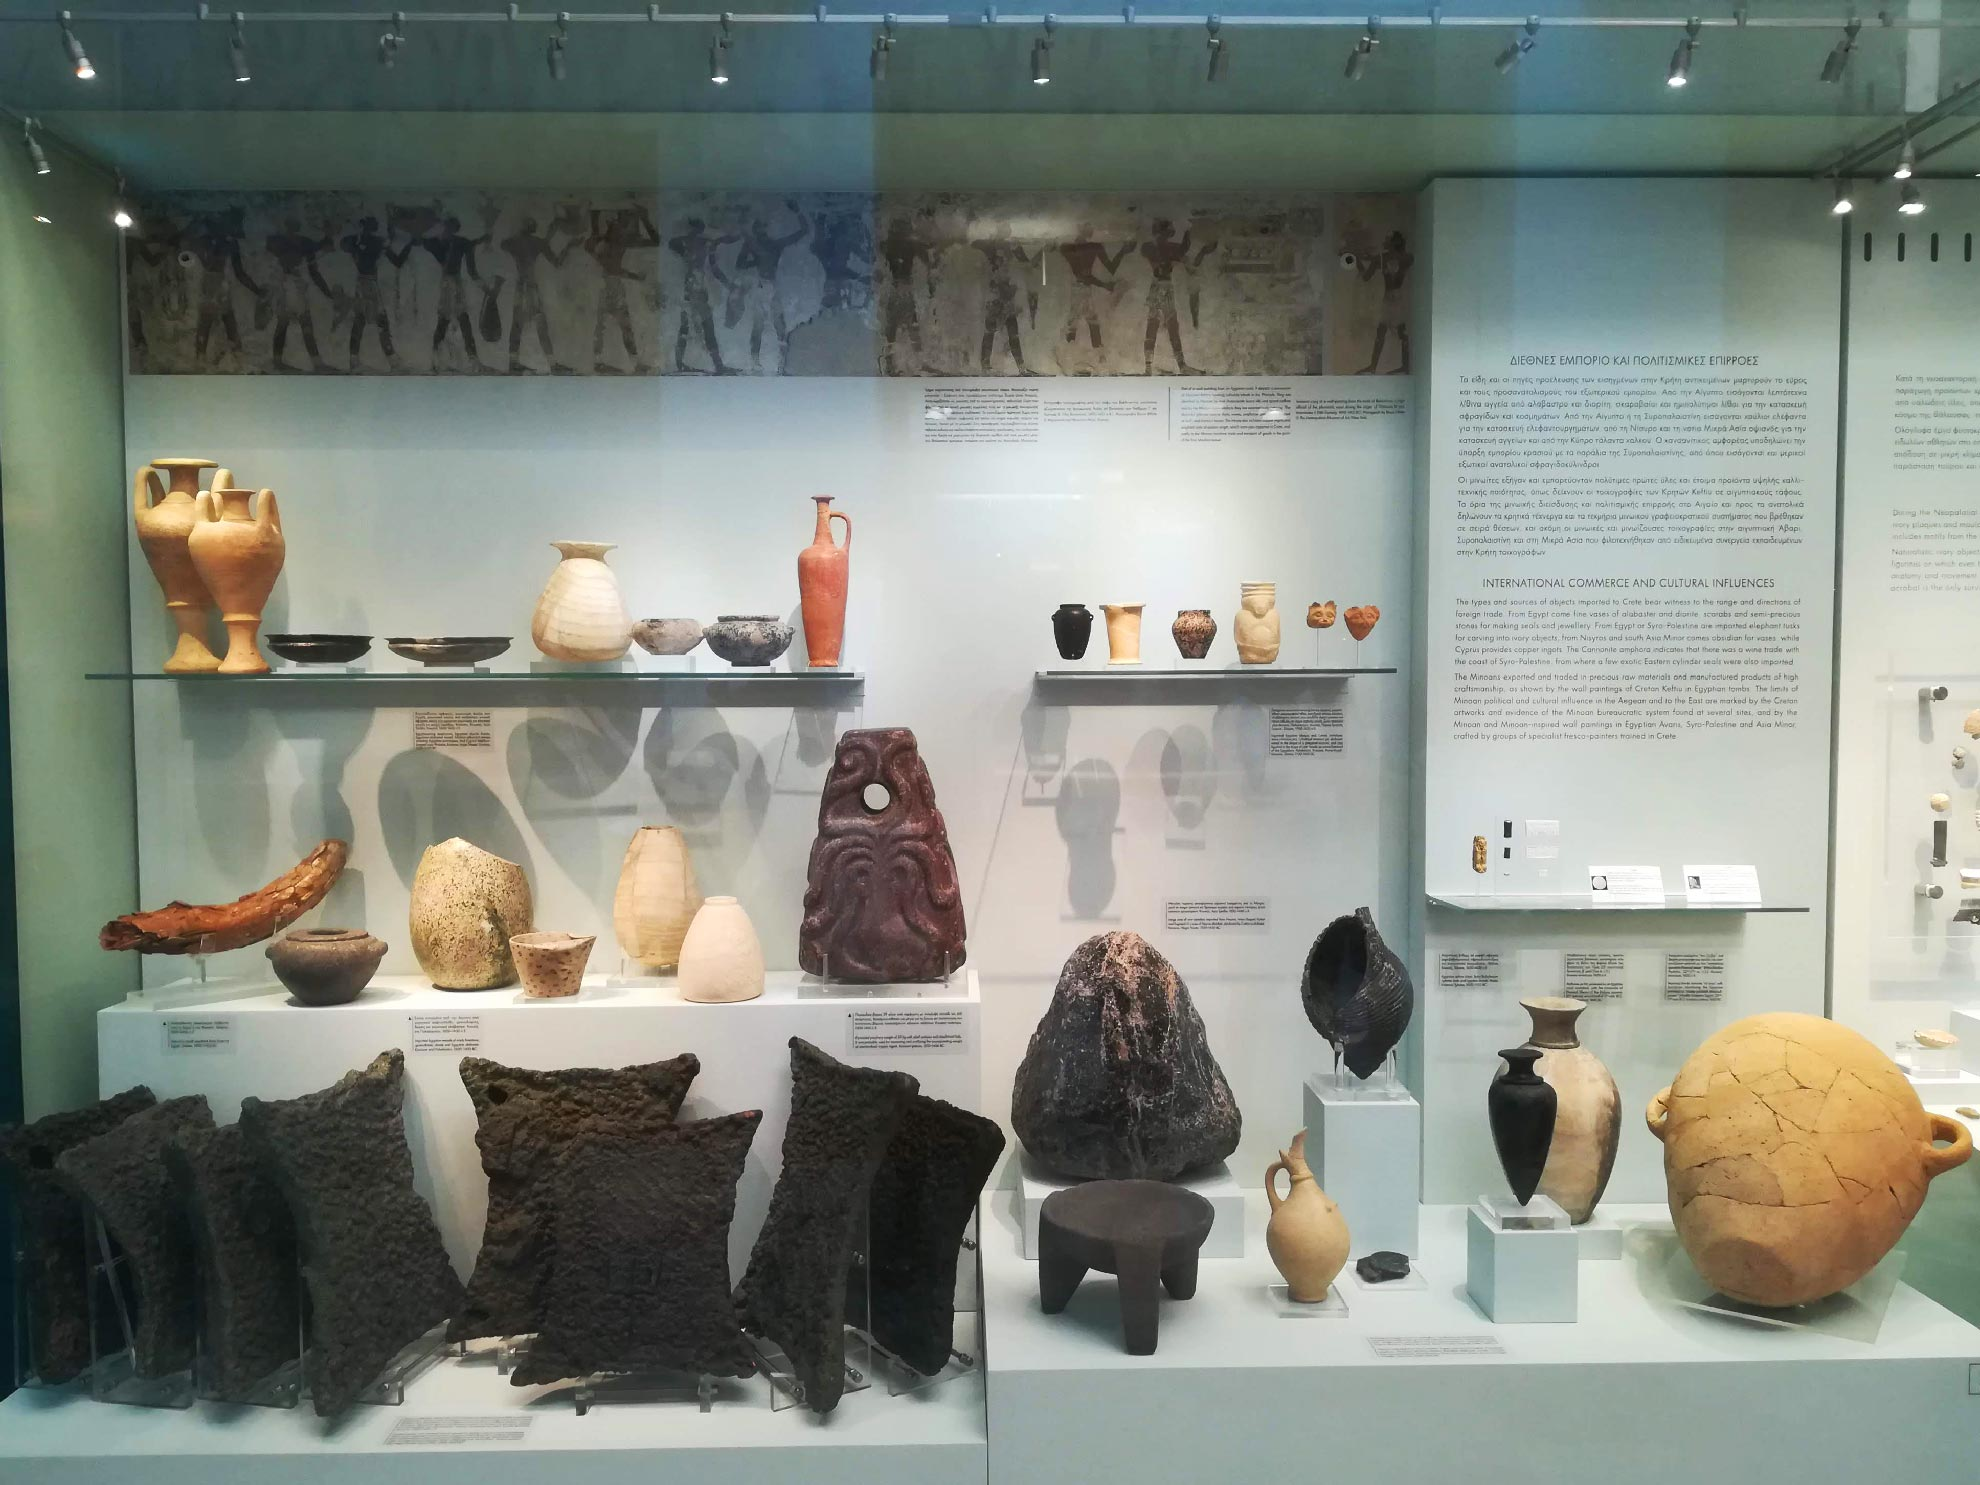 suppellettili e oggetti decorativi conservati all'interno del Museo di Heraklion, Creta, Grecia